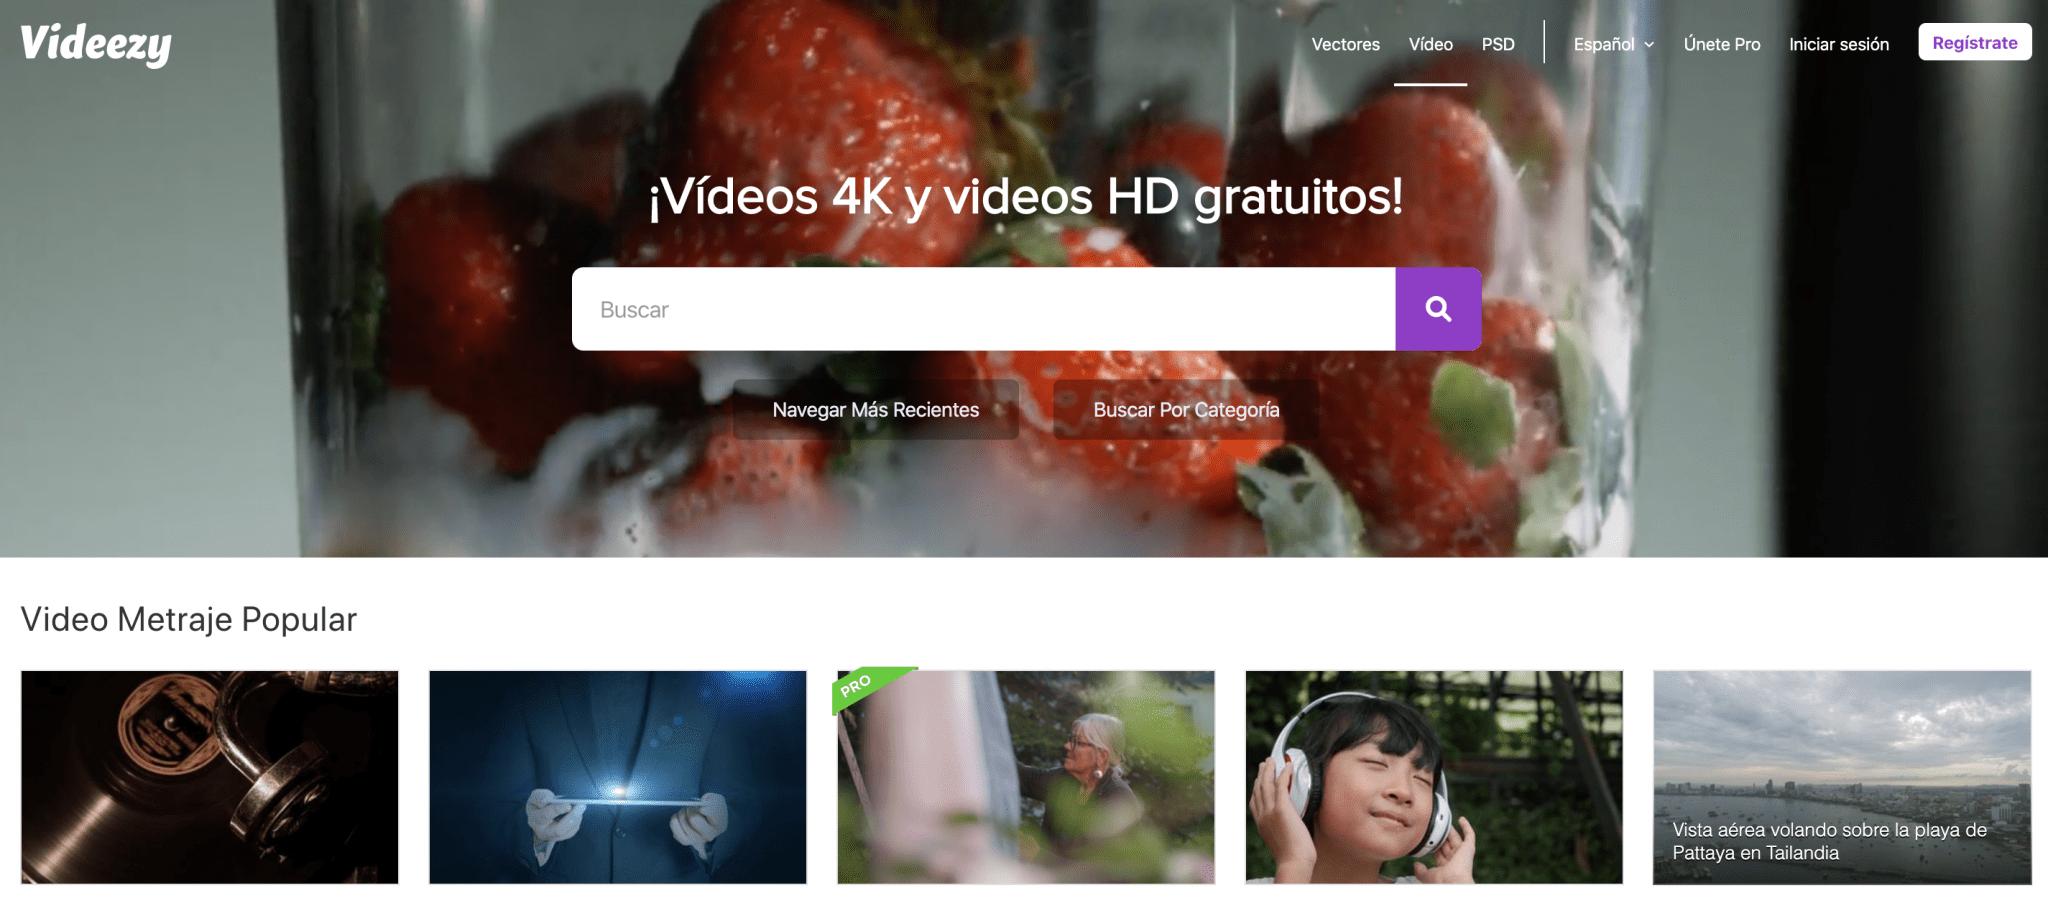 Videezy, vídeos 4k y vídeos HD gratuitos